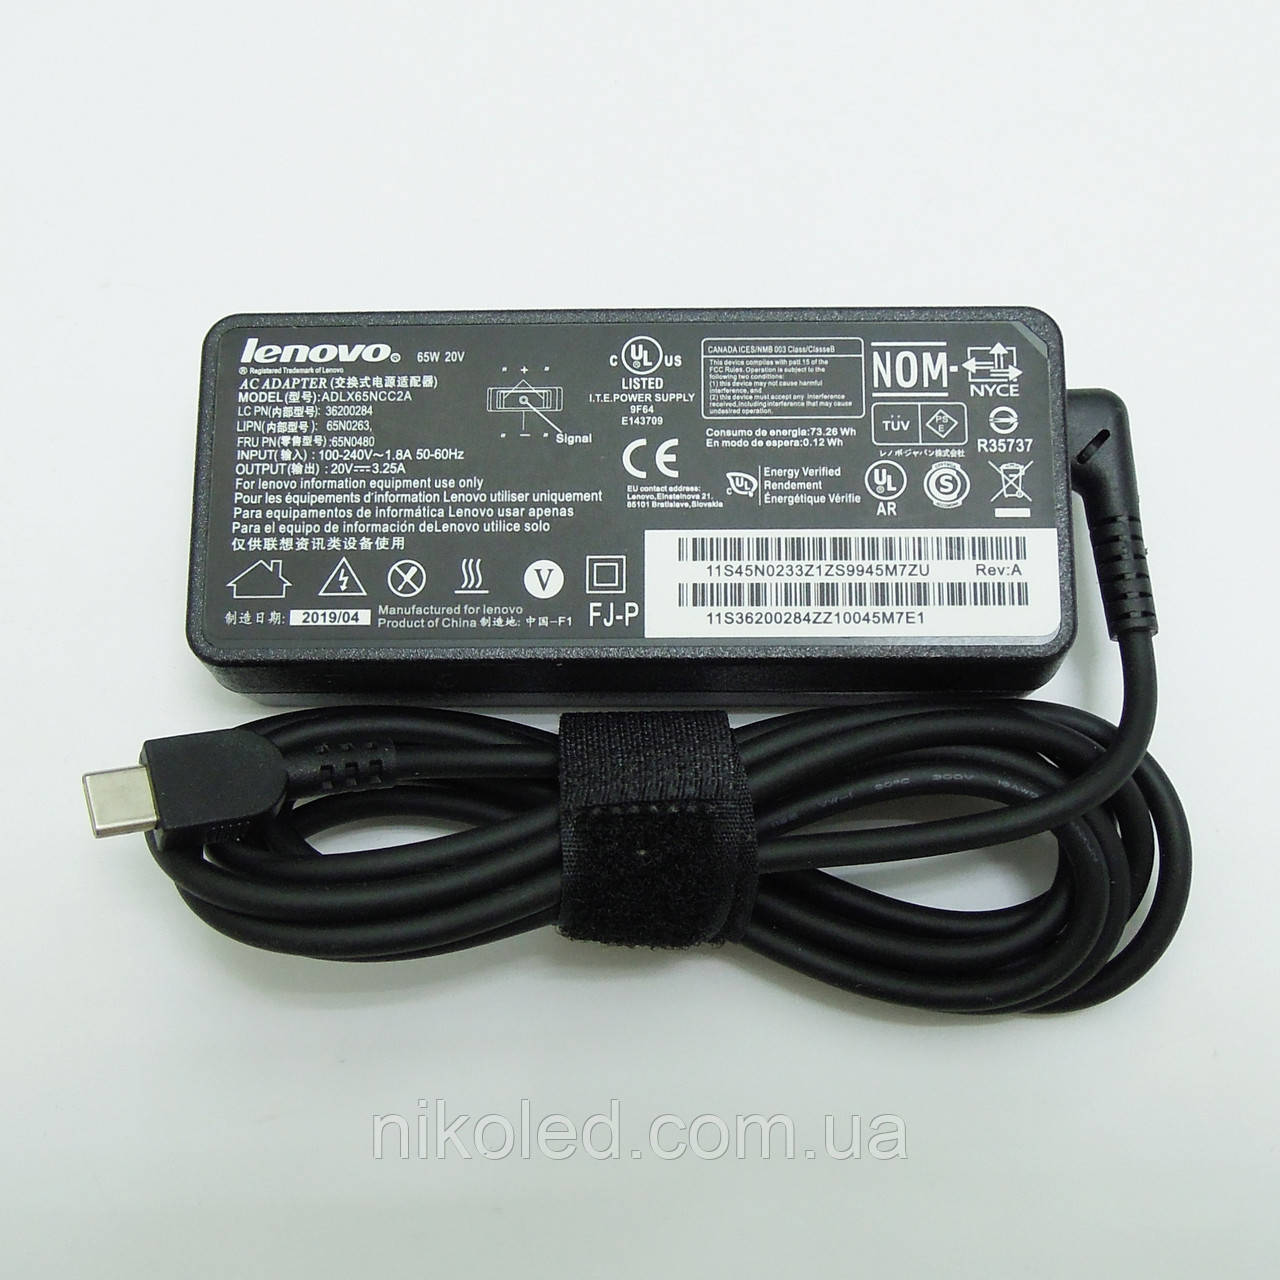 Блок питания для ноутбука Lenovo 65W 20V 3.25A Type C (3683)